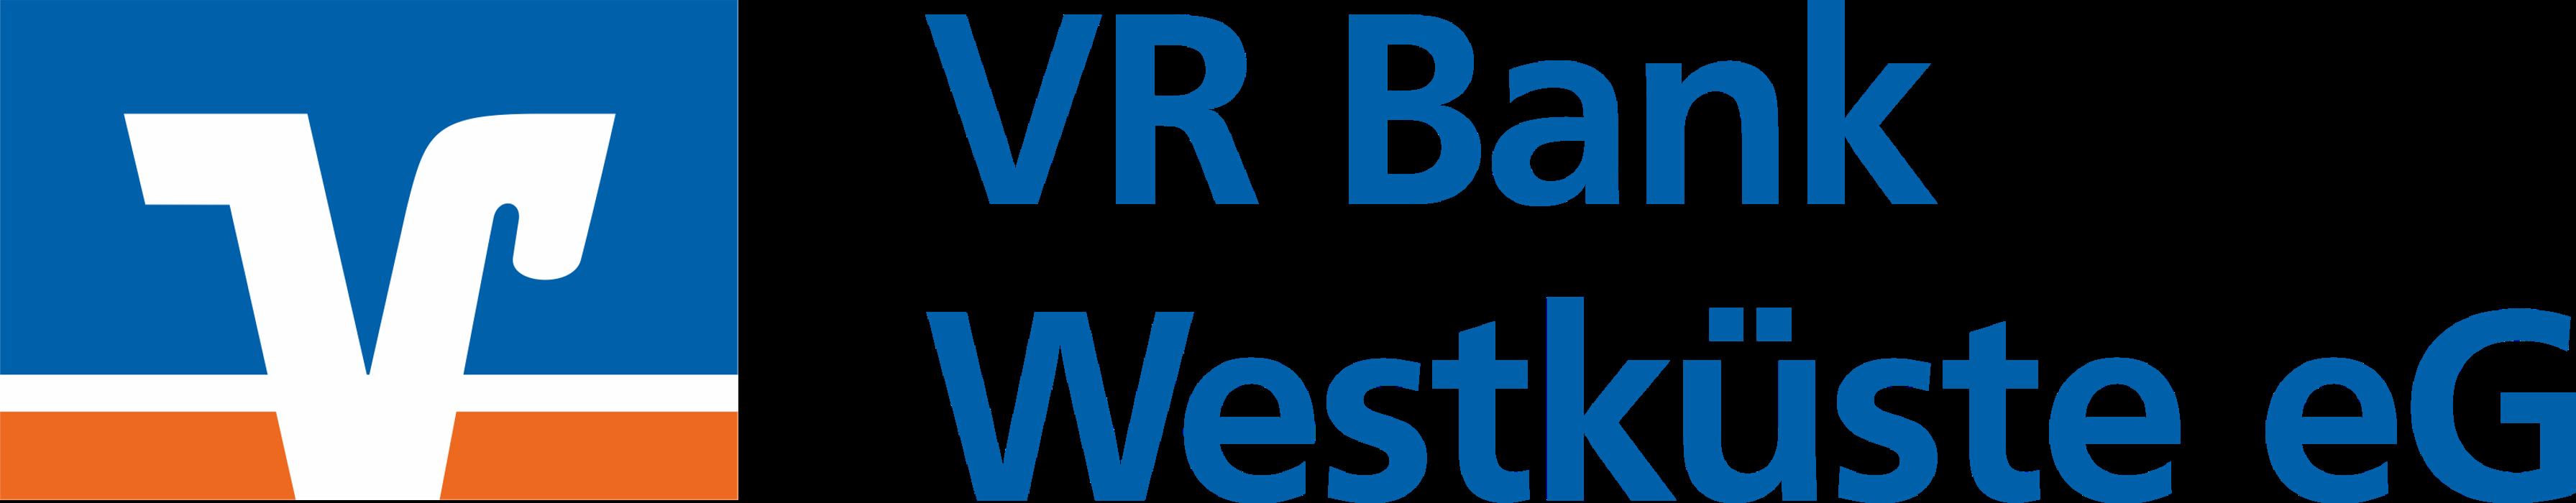 Logo von VR Bank Westküste eG Filiale Tönning